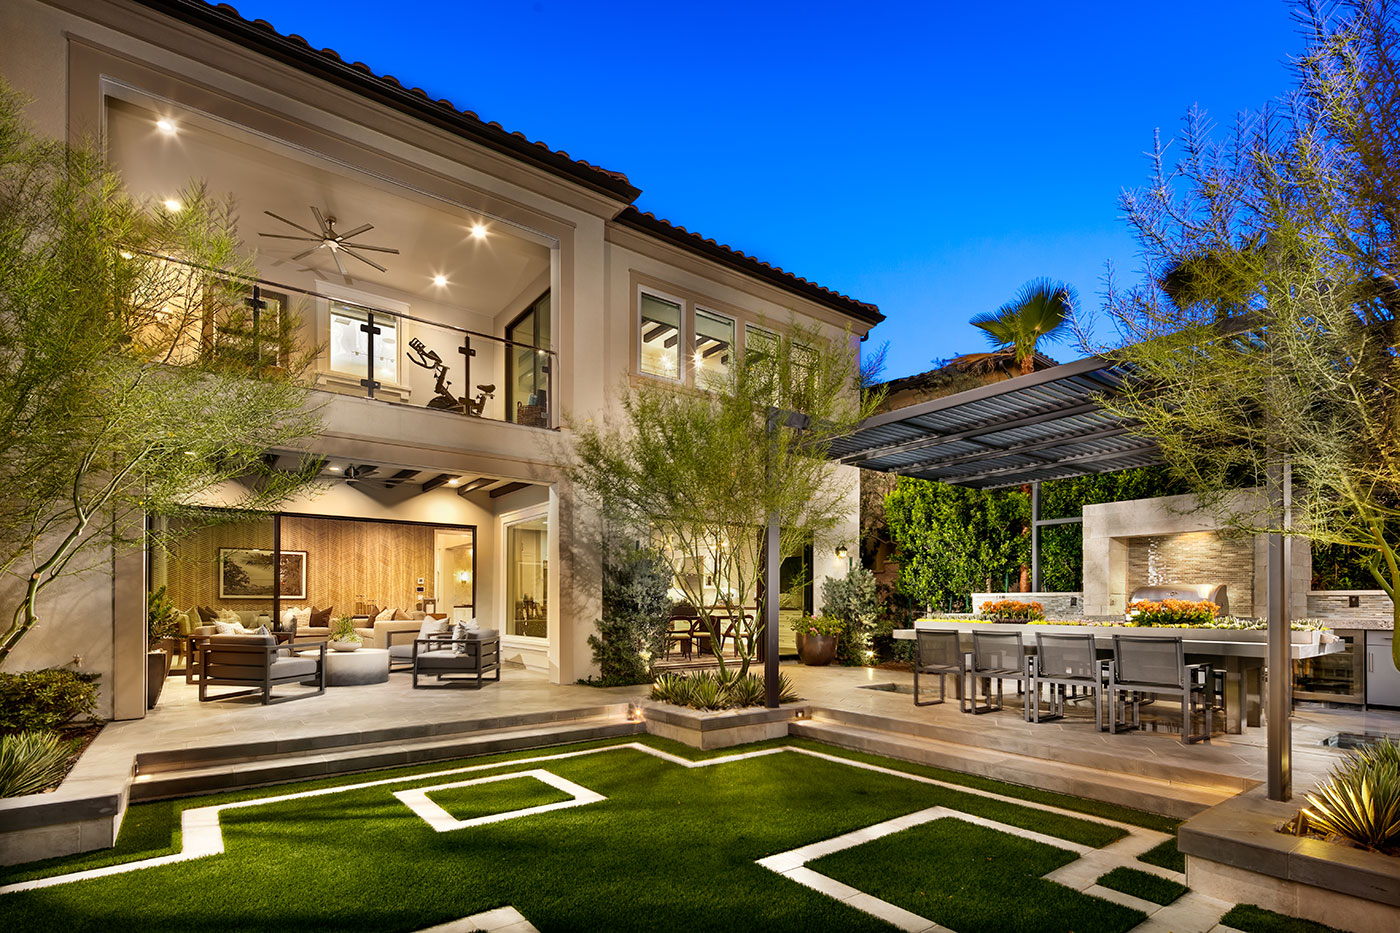 Moreno Backyard